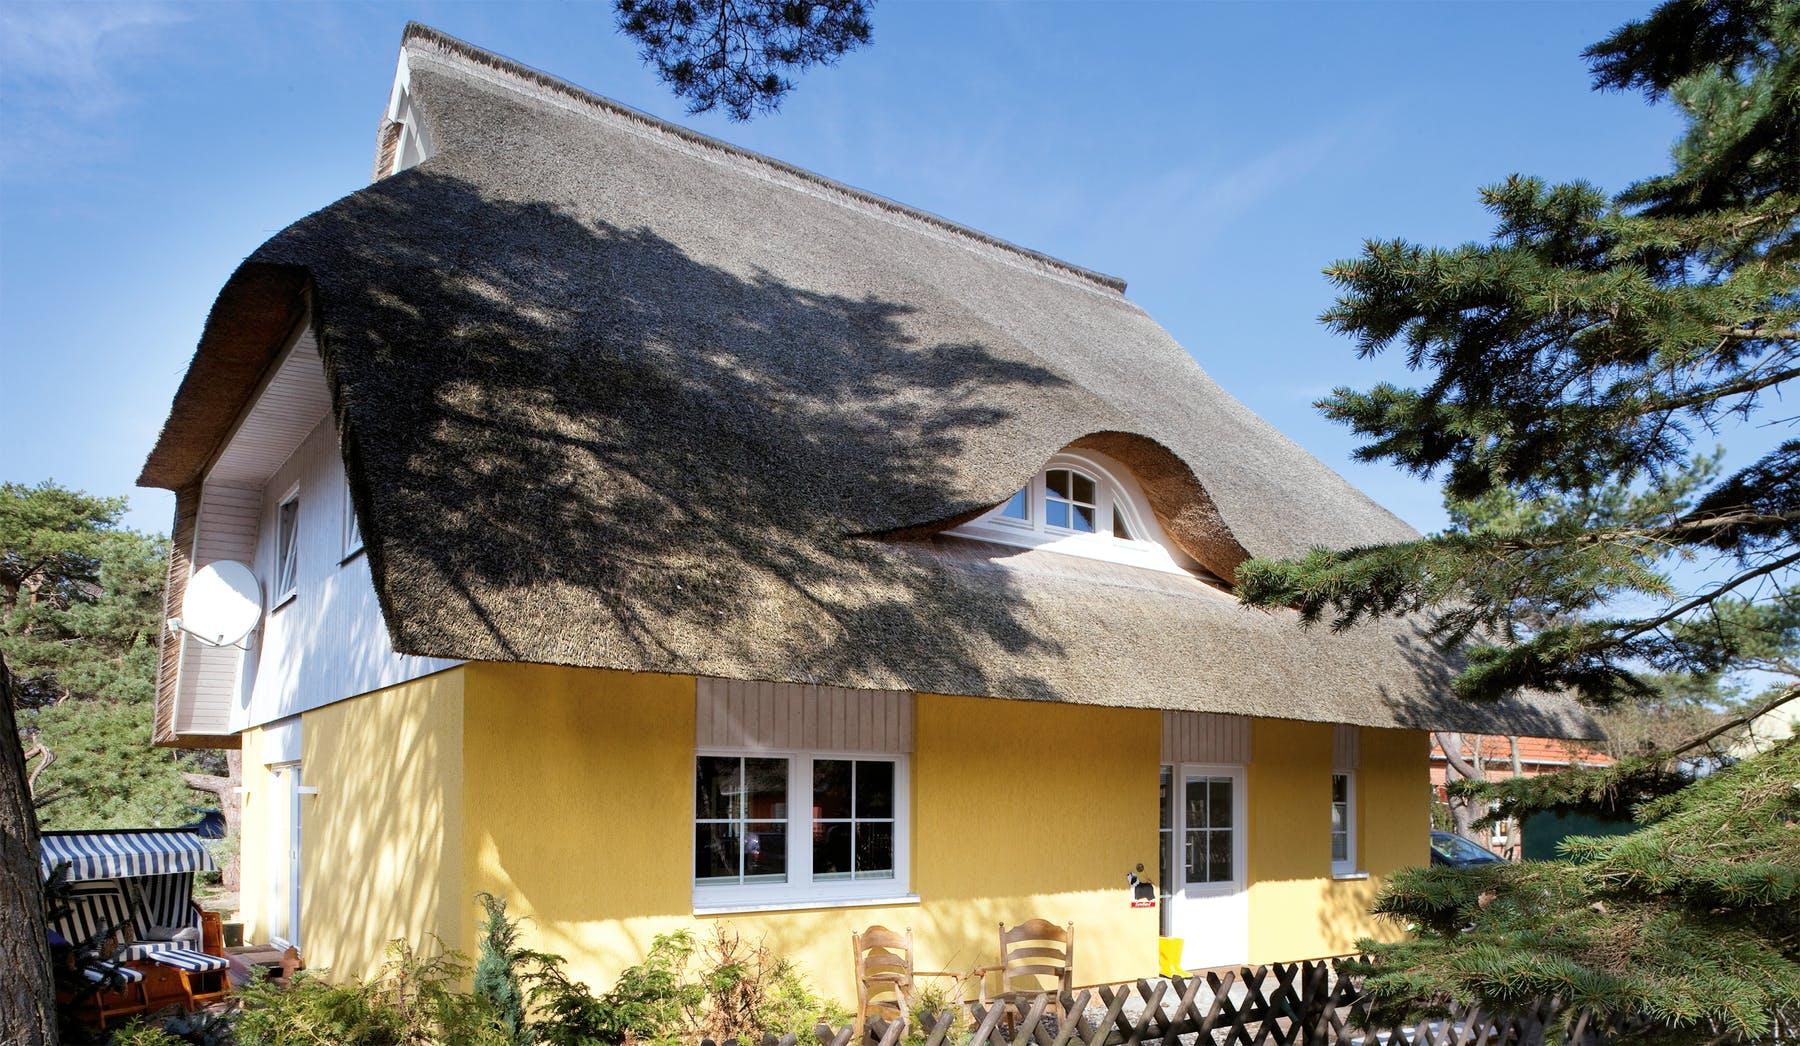 Fabulous Ein Haus mit Reetdach planen & bauen - Häuser & Infos | Fertighaus.de TQ64